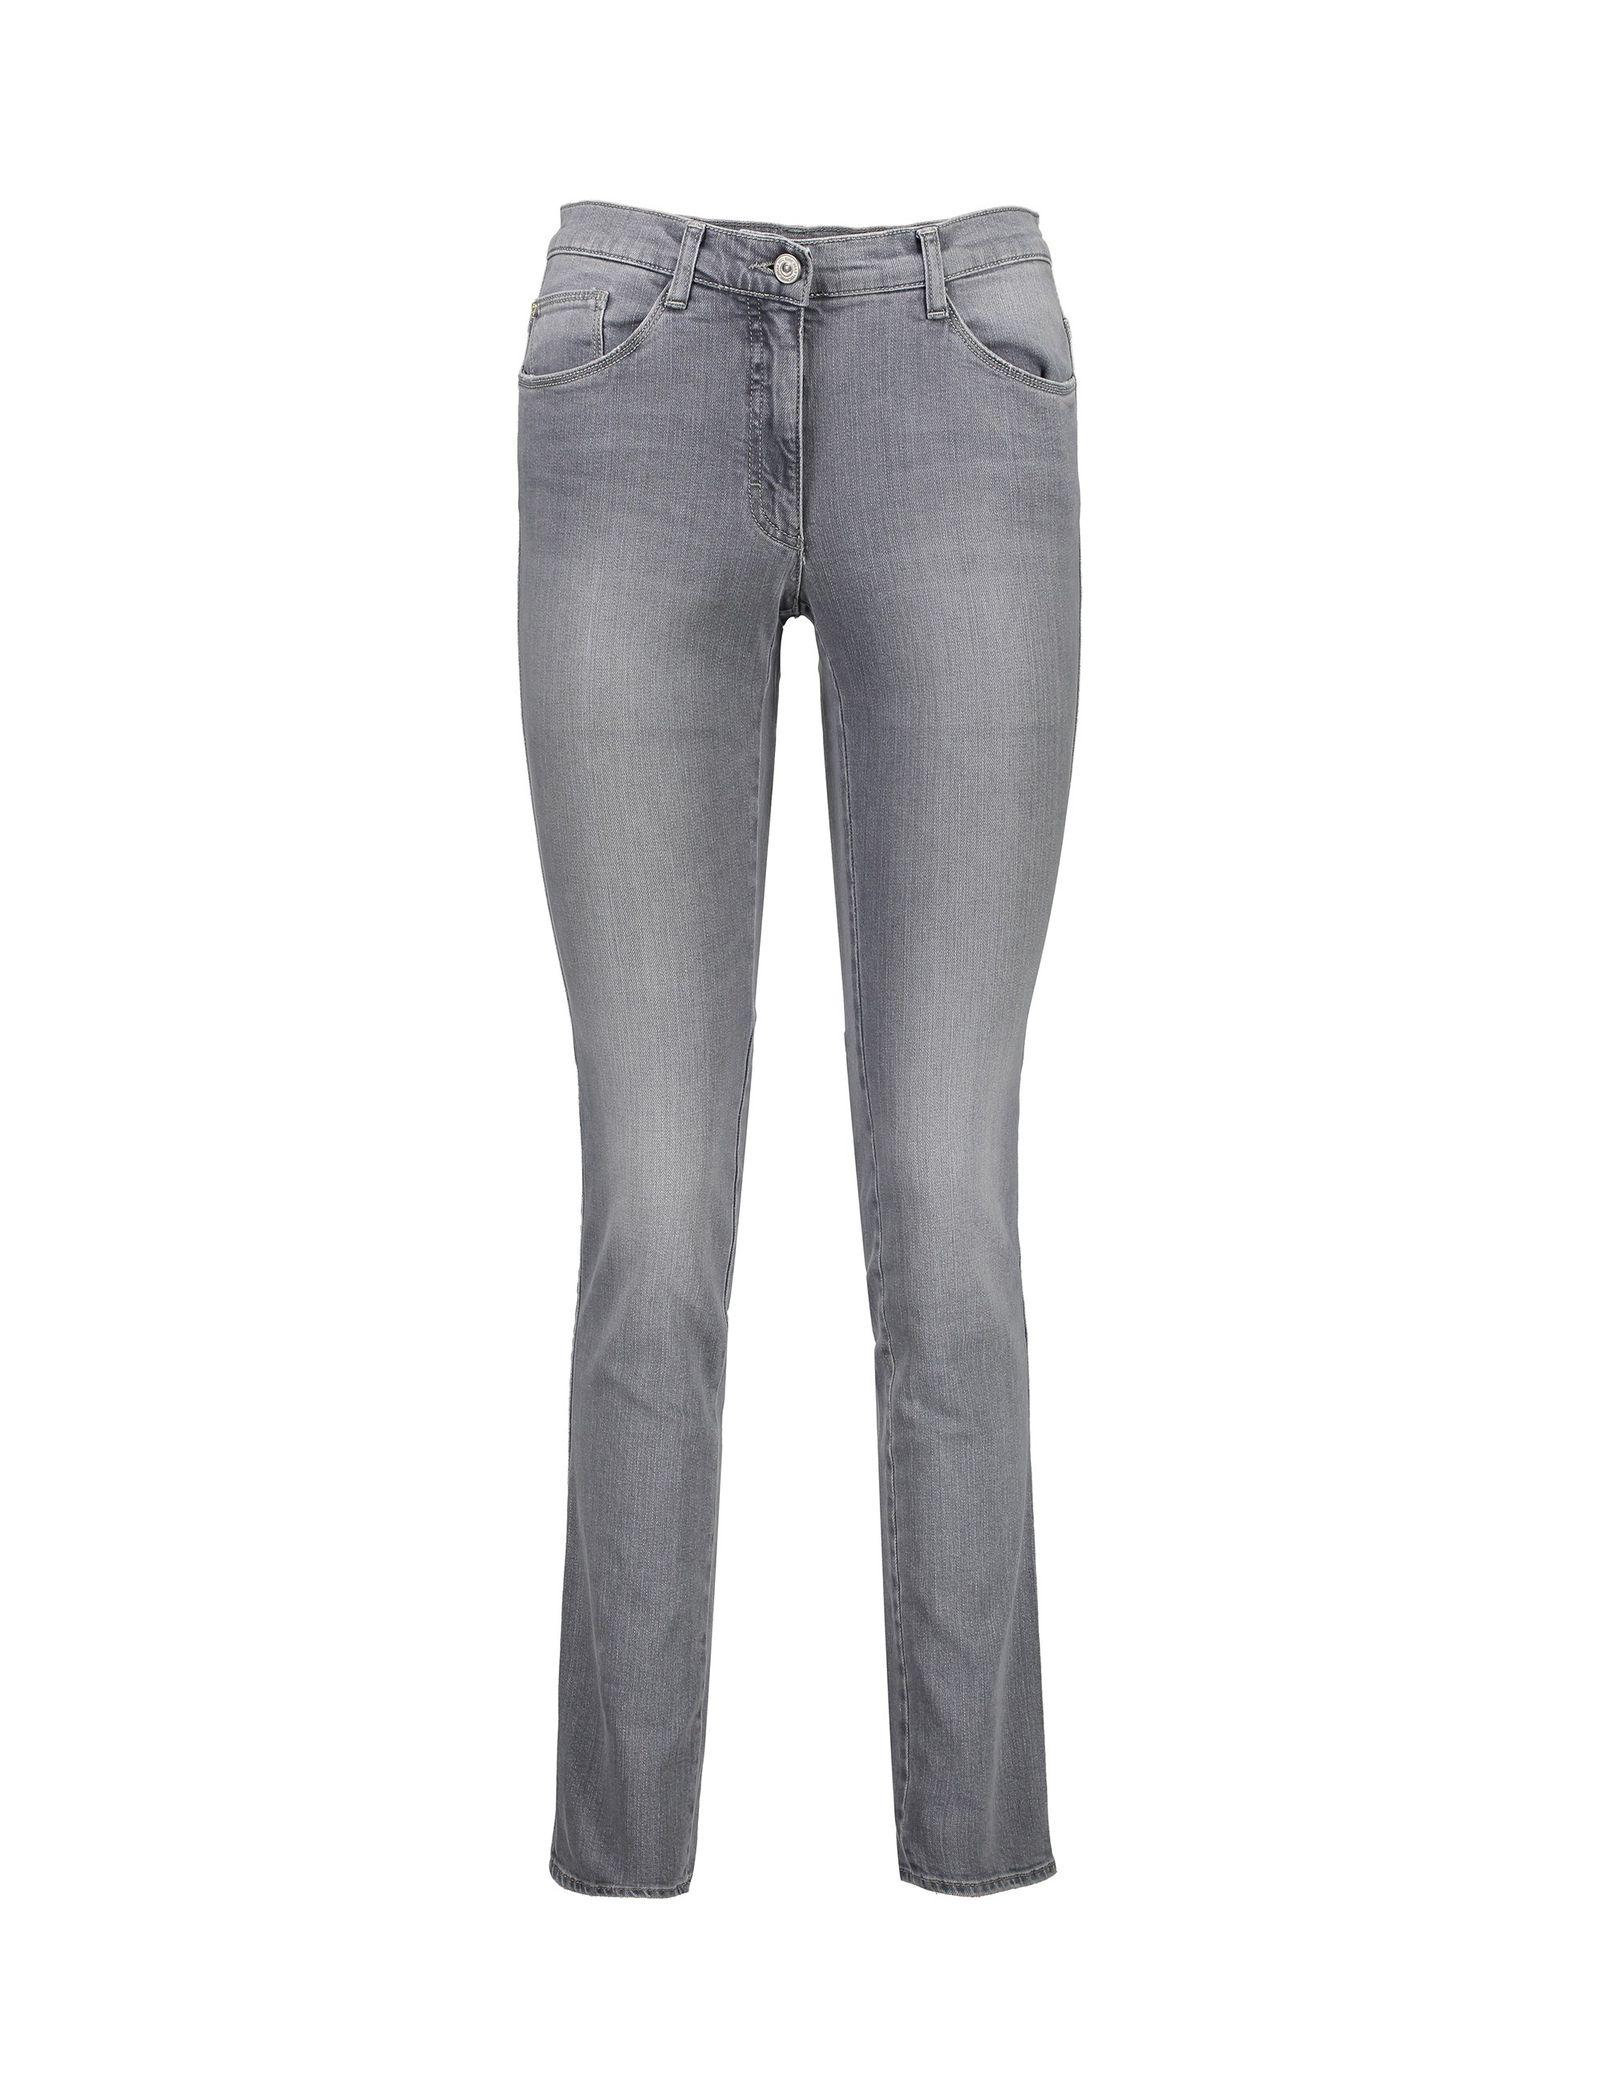 شلوار جین راسته زنانه BX-MARY - برکس - طوسي - 6